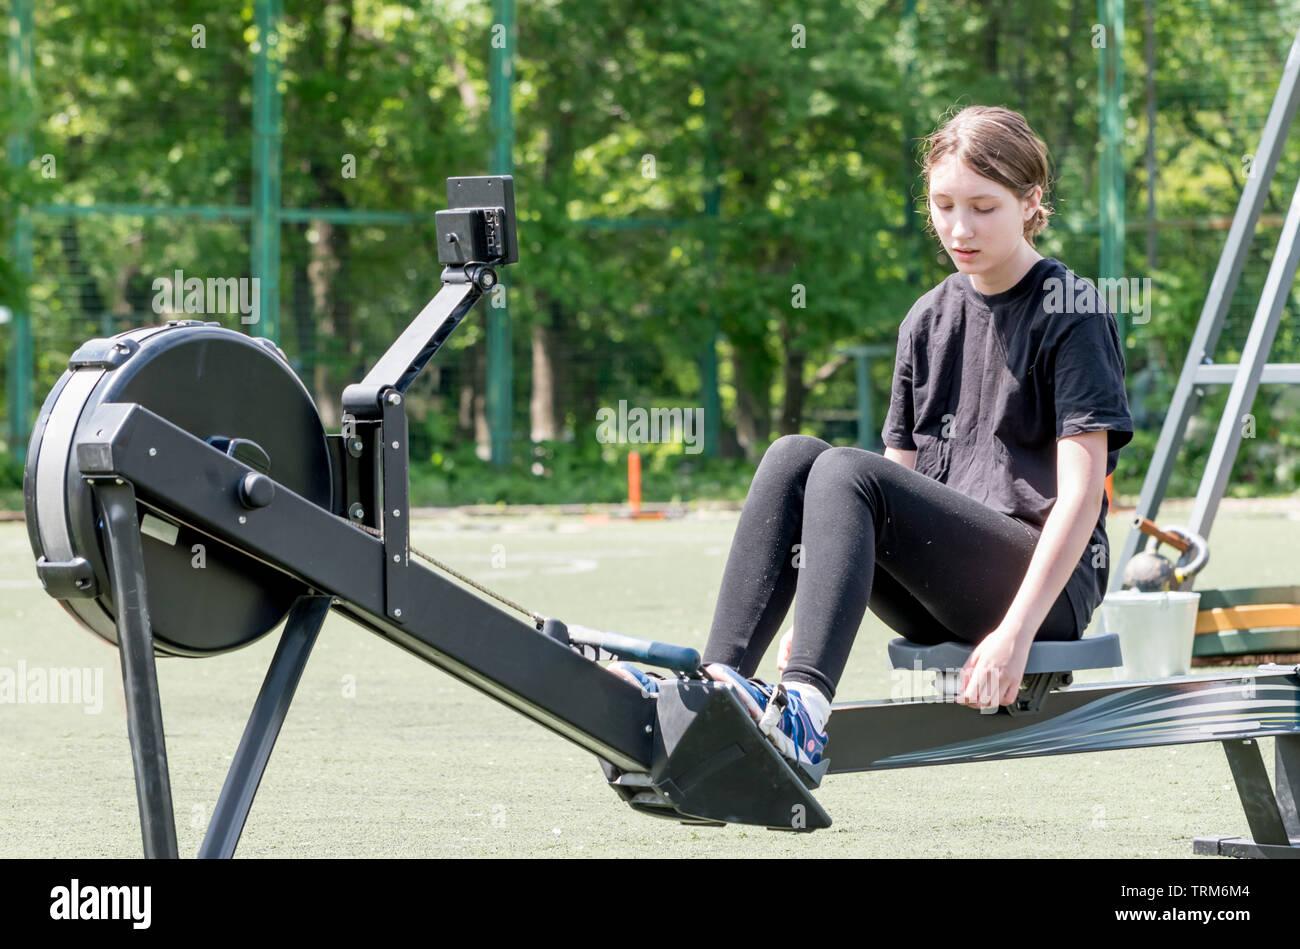 Crossfit rowing bodysuit